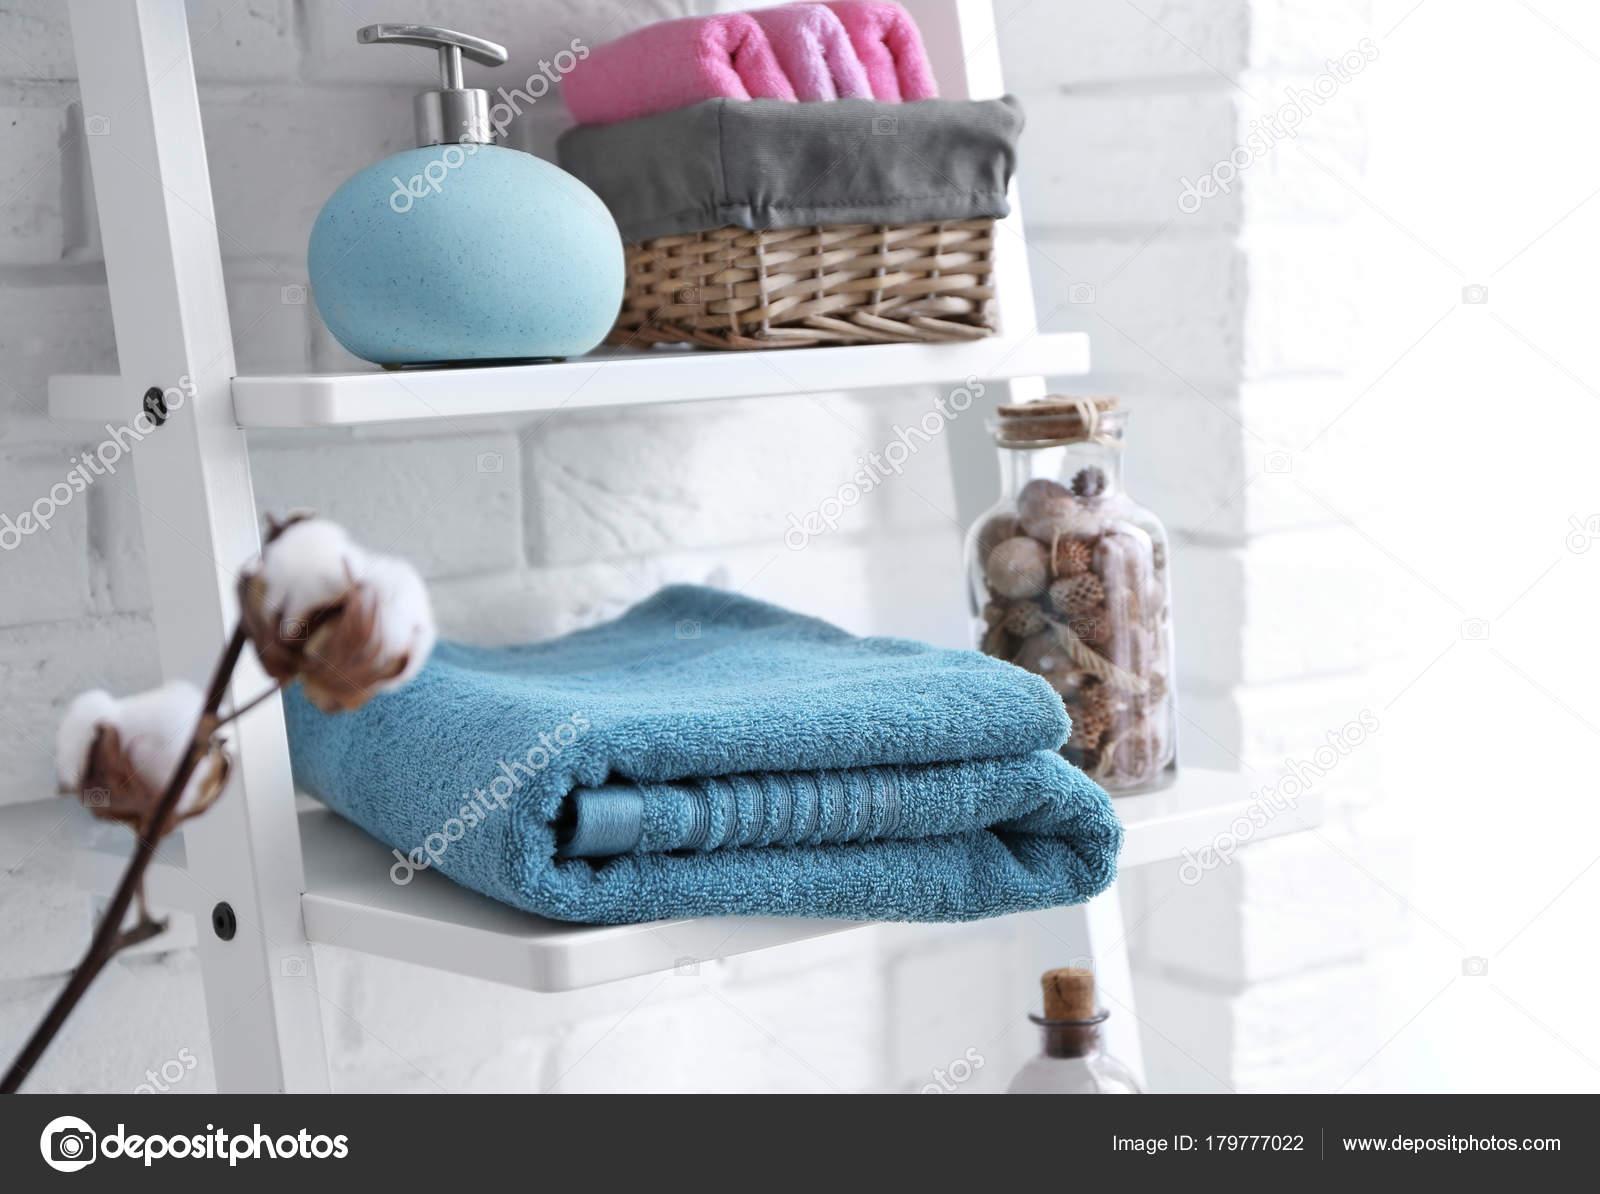 Zeepdispenser Voor Douche : Schone handdoeken met zeepdispenser planken badkamer u2014 stockfoto